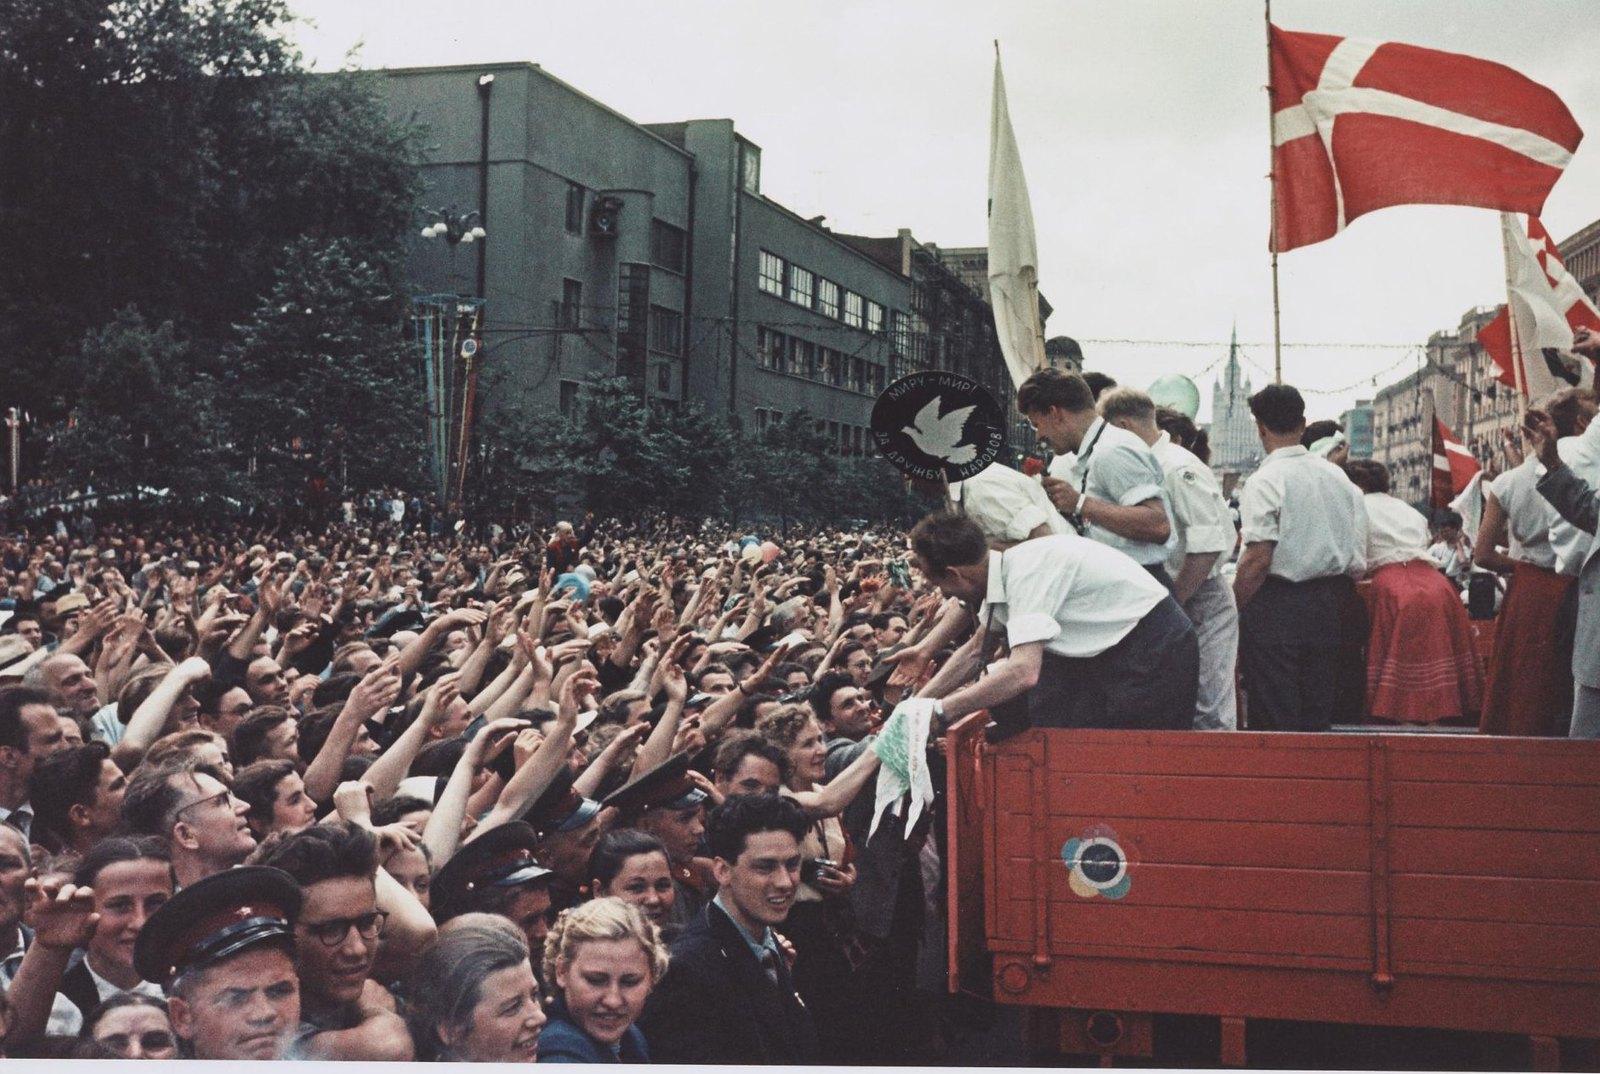 1957. VI Всемирный фестиваль молодежи и студентов в Москве. Садовое кольцо